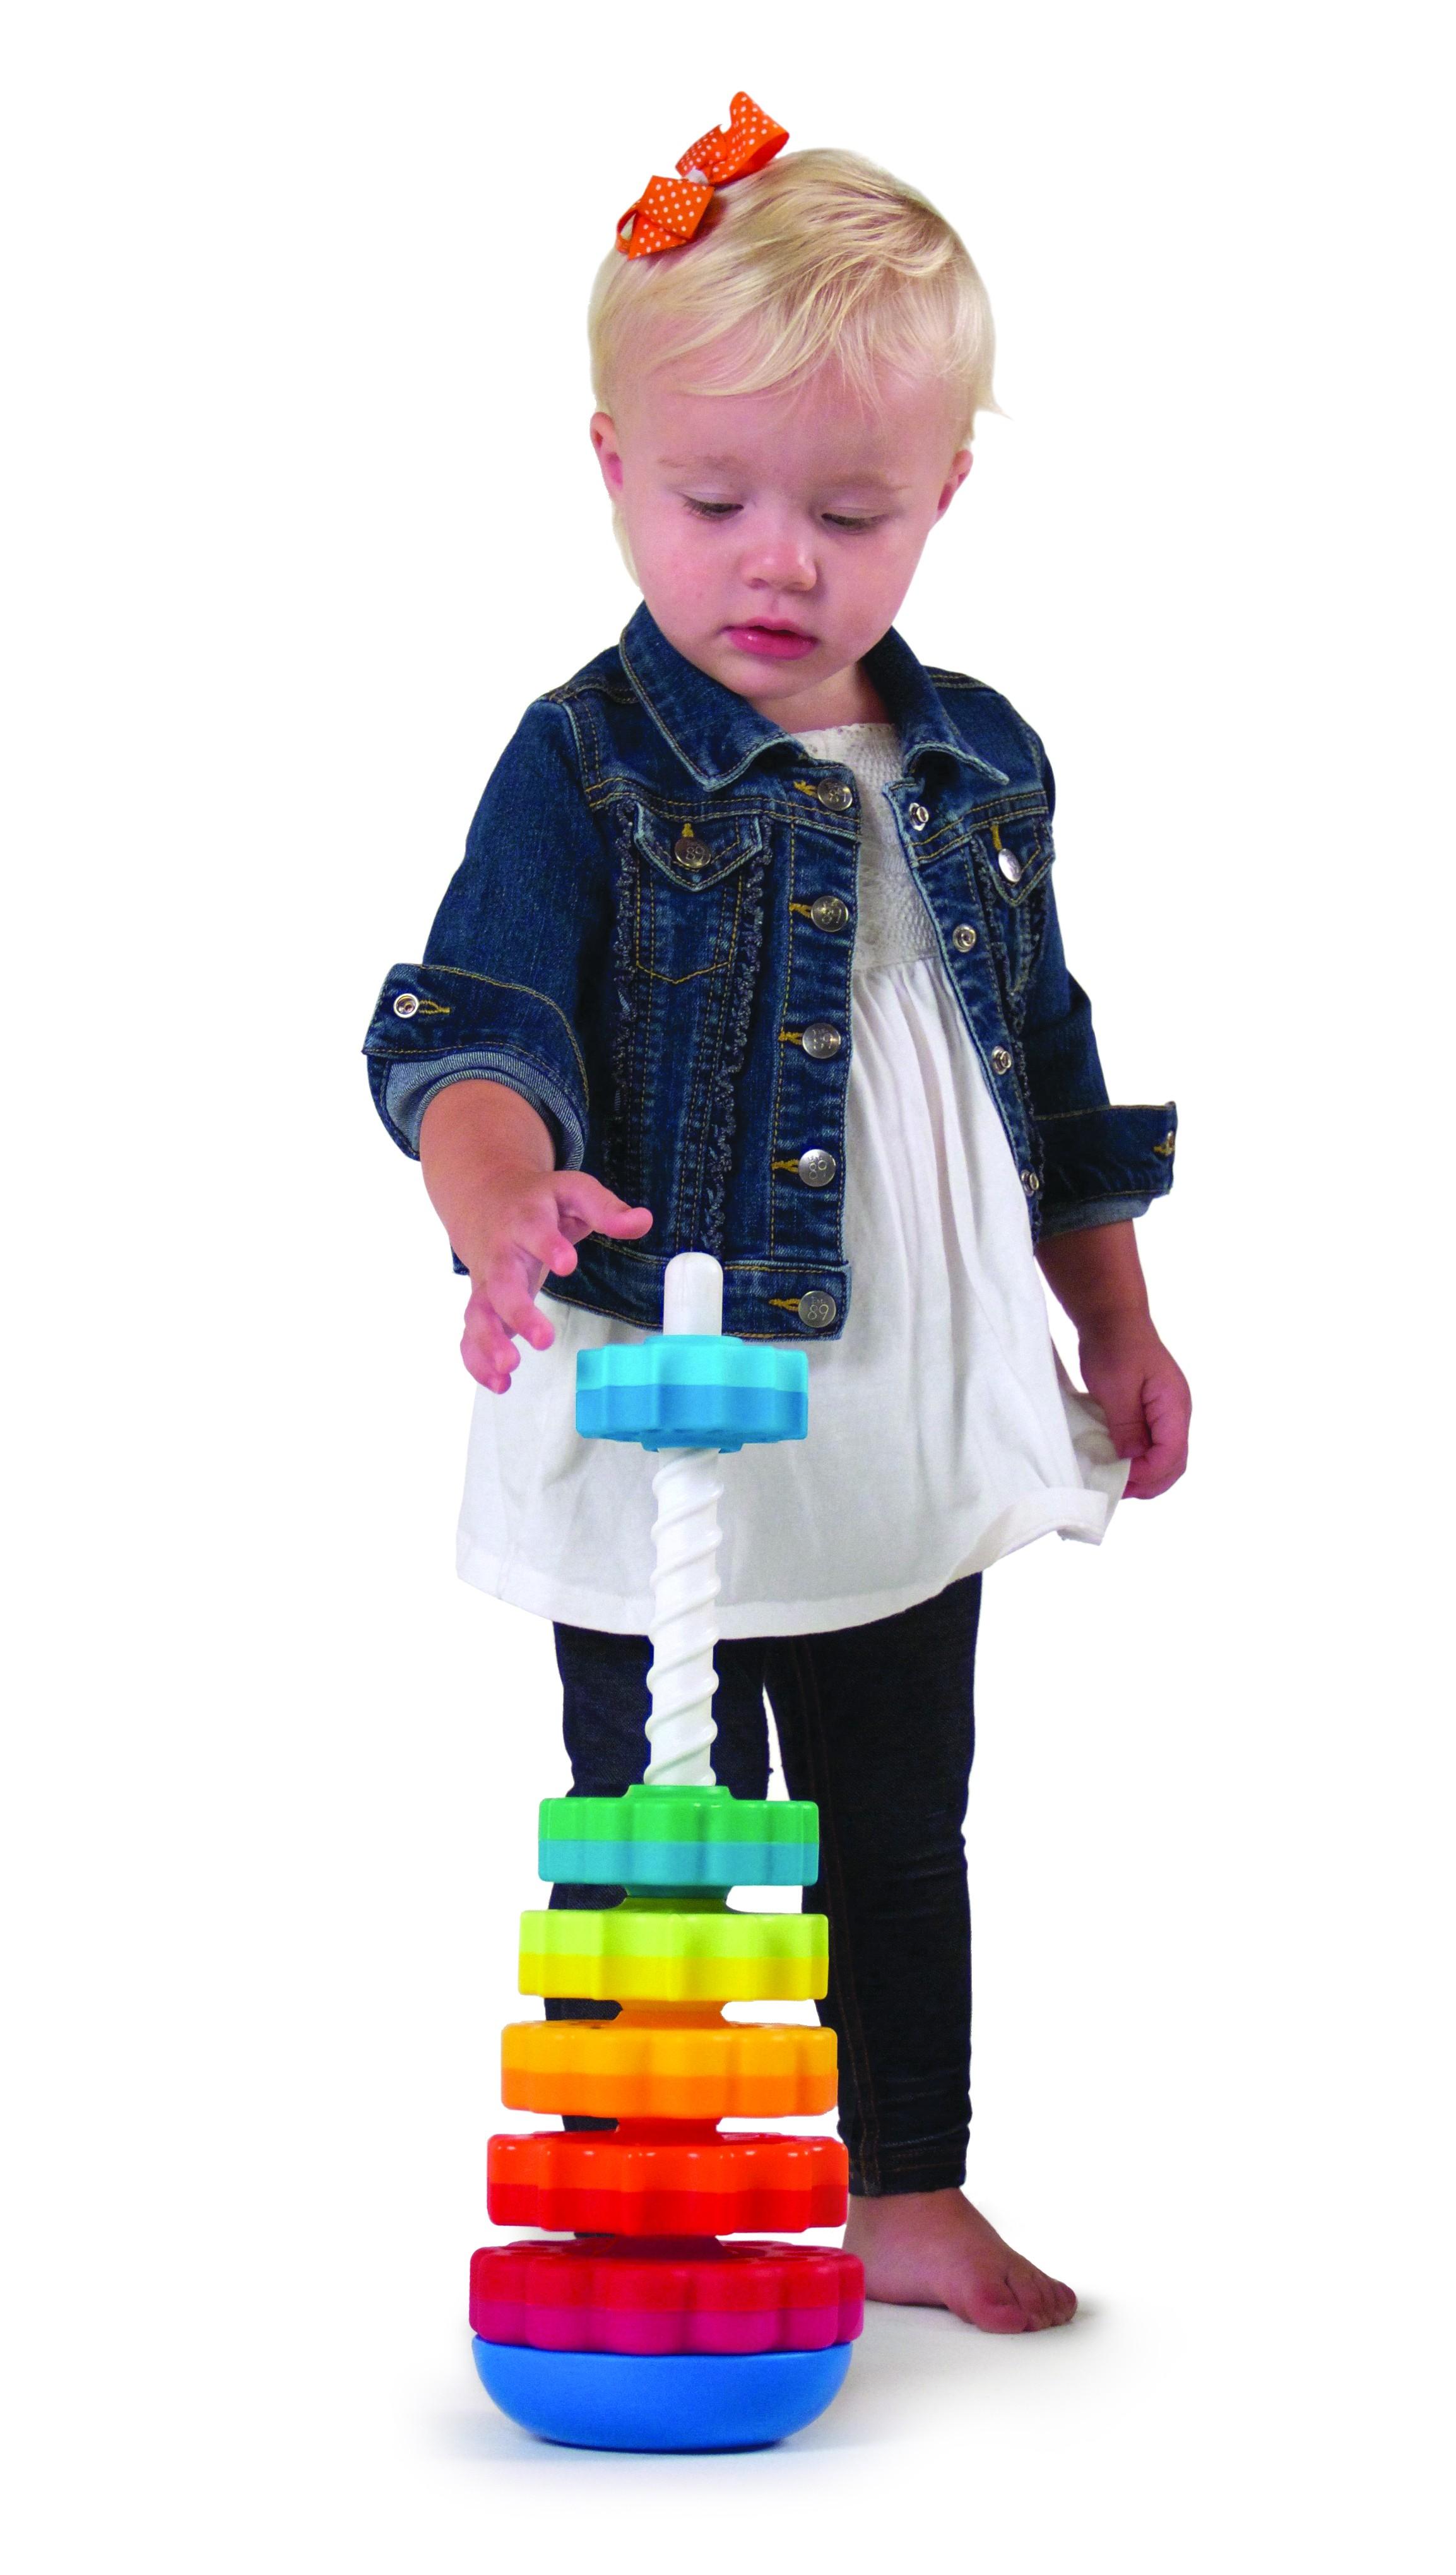 Piramida cu rotite pentru bebelusi - Fat Brain Toys 9